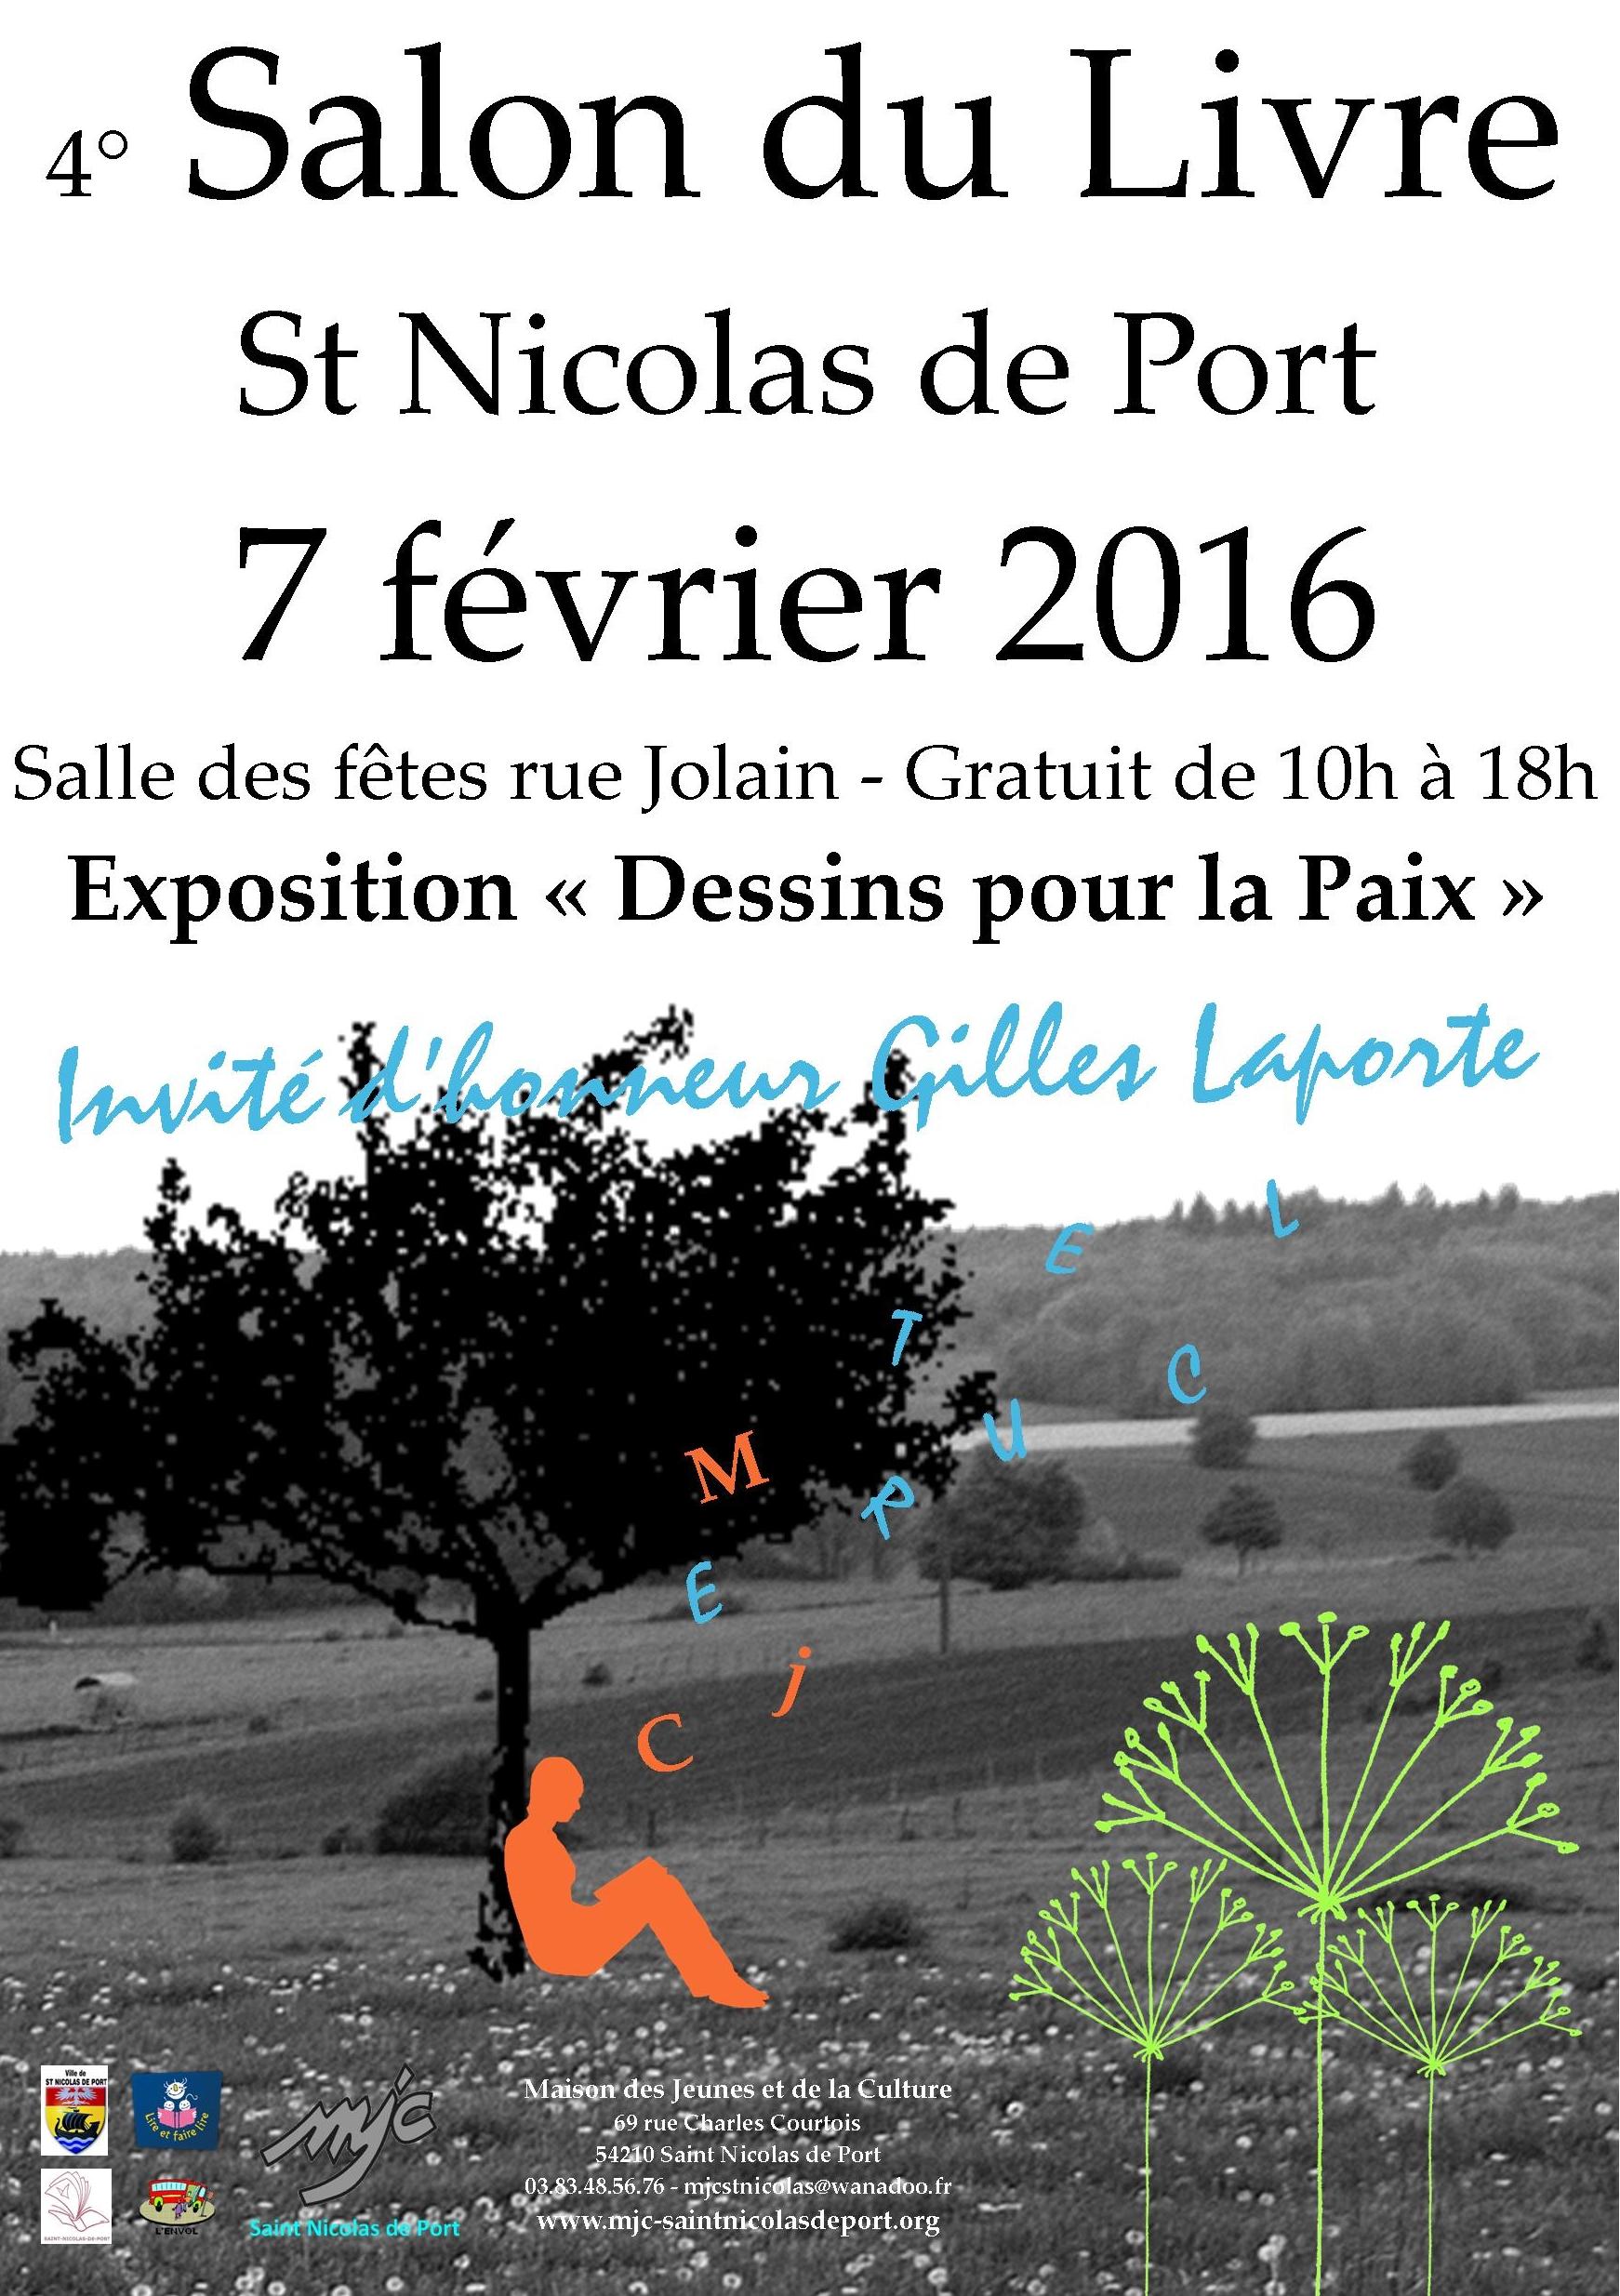 Saint nicolas de port ecrivain public zaz et plus - Salon du livre gaillac ...